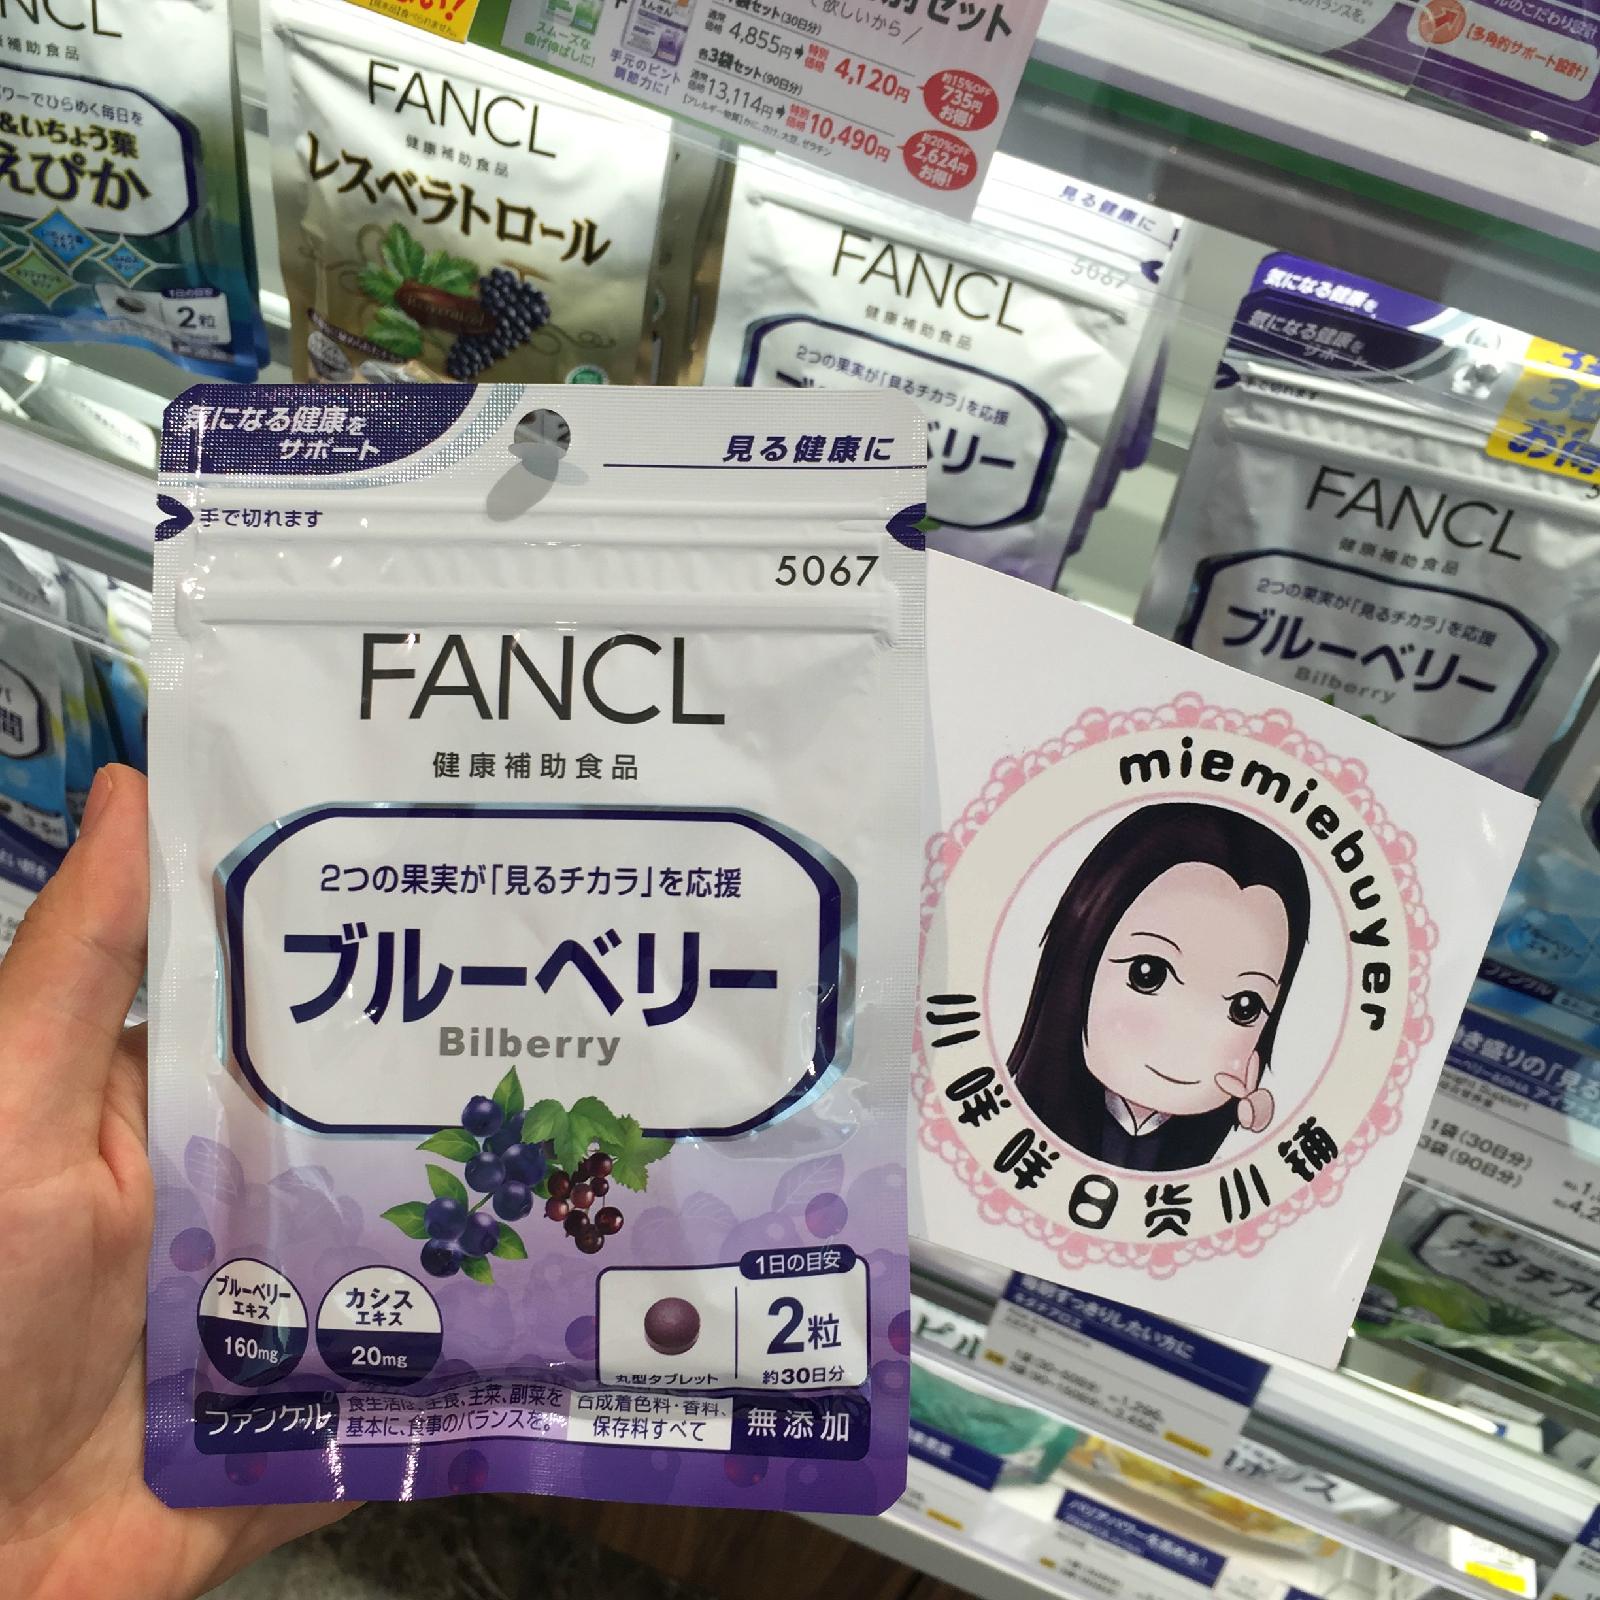 Япония качественная продукция из специализированного магазина FANCL глаз черника сущность 60 зерна 30 день 5067 дата 2019.6 месяц